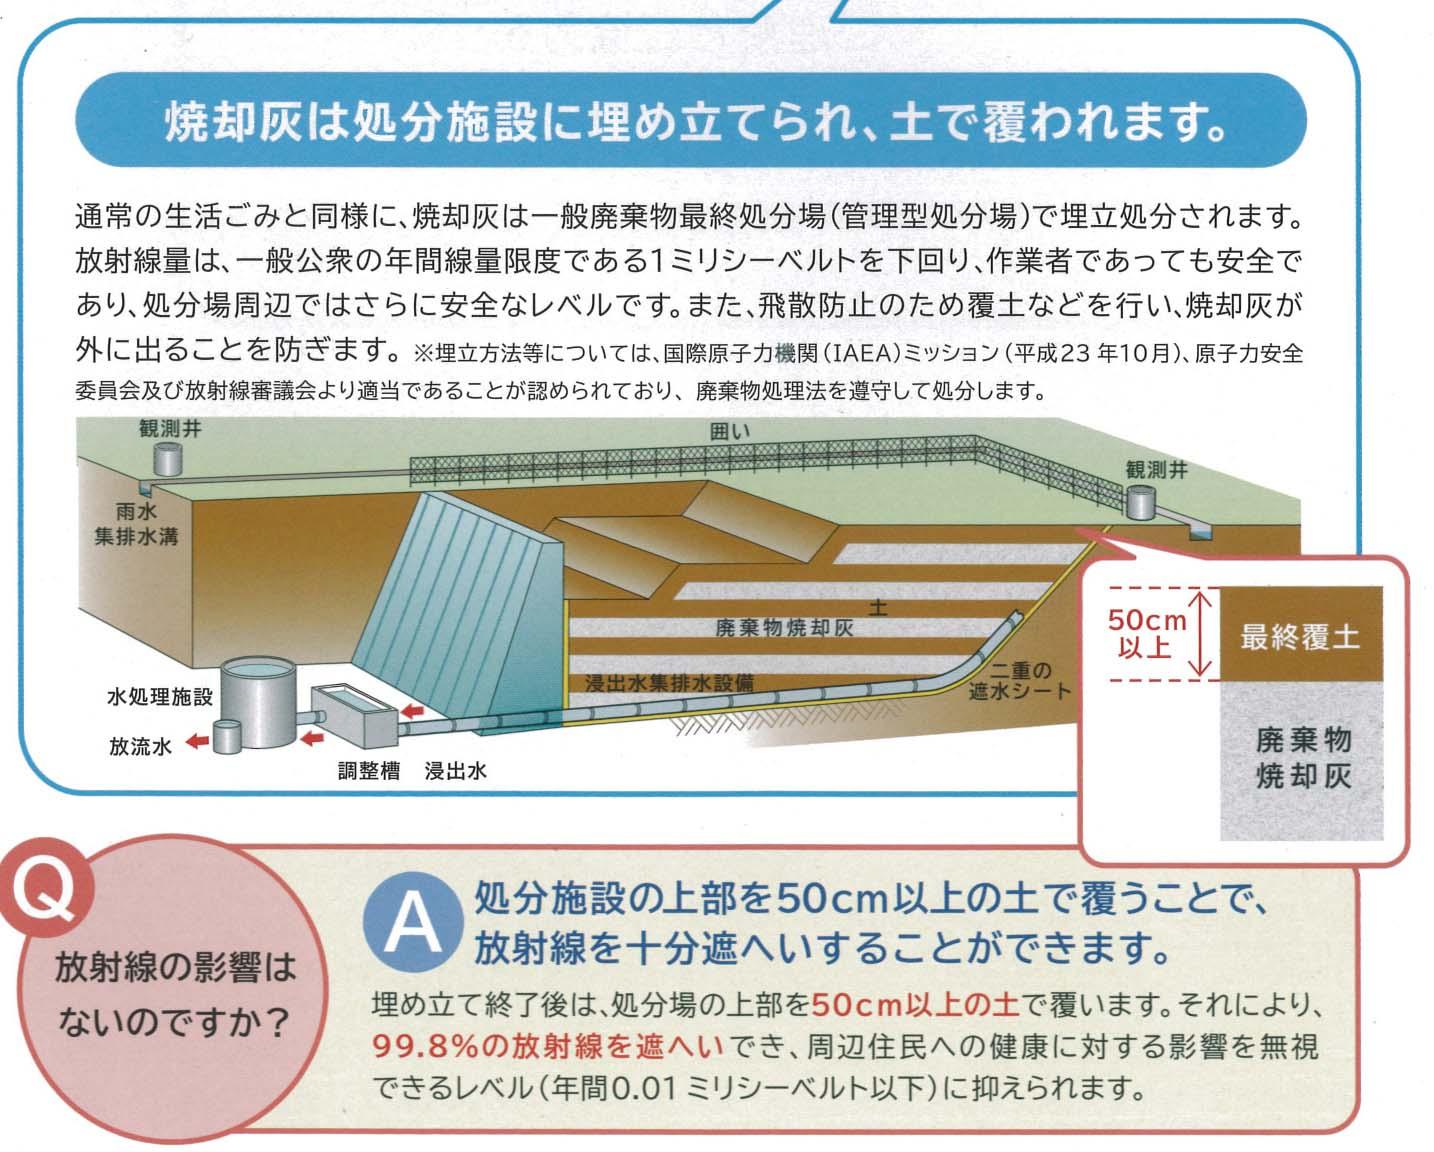 東日本大震災で発生した災害ガレキの試験焼却に関する議員全員協議会_f0141310_8394533.jpg